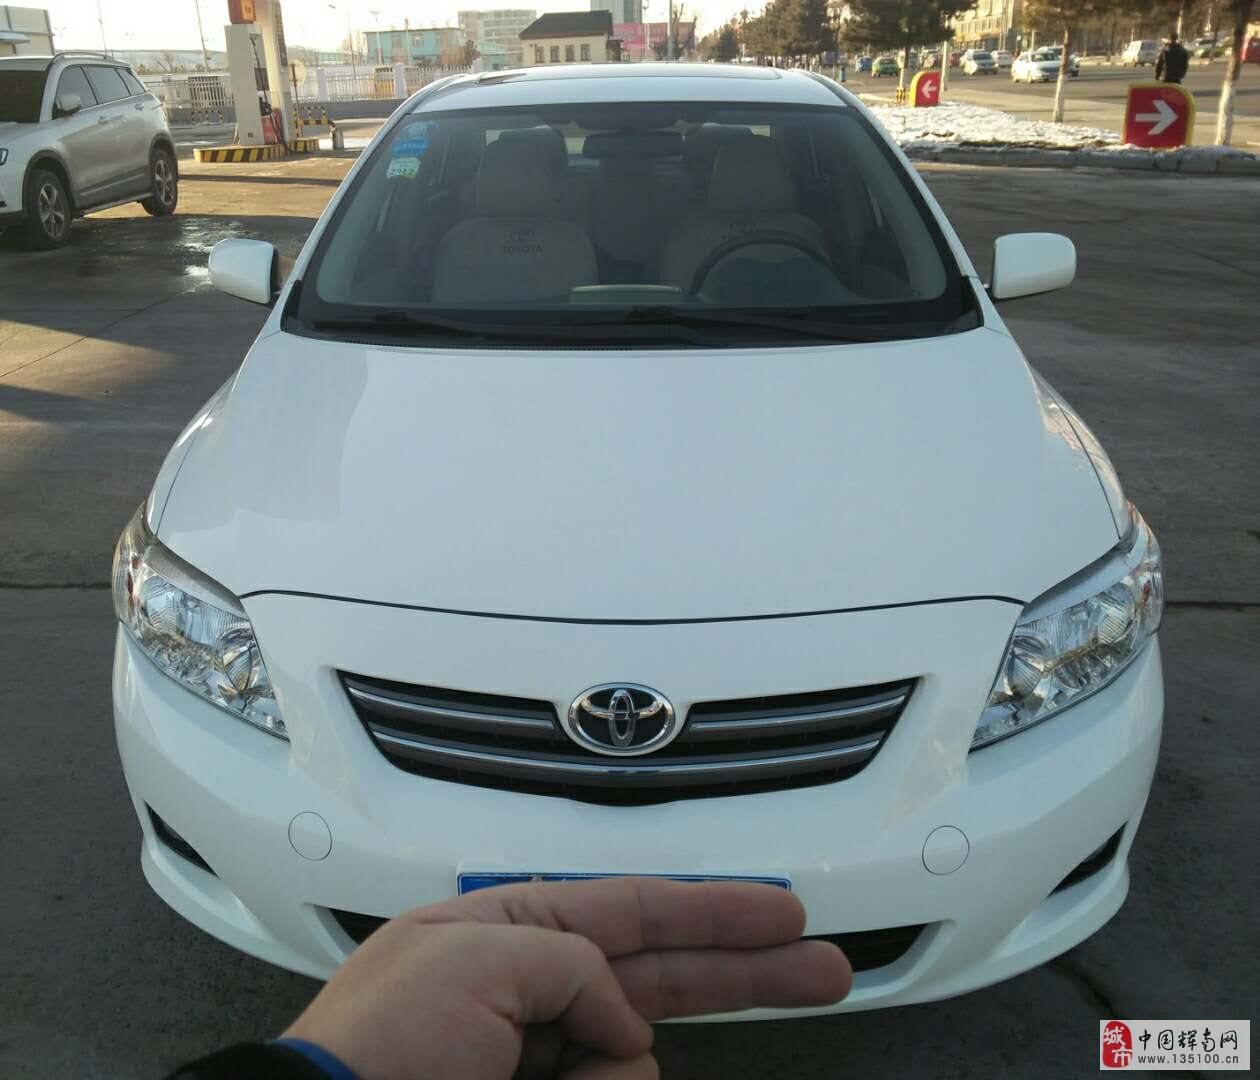 出售:2010年丰田卡罗拉经典自动1.6